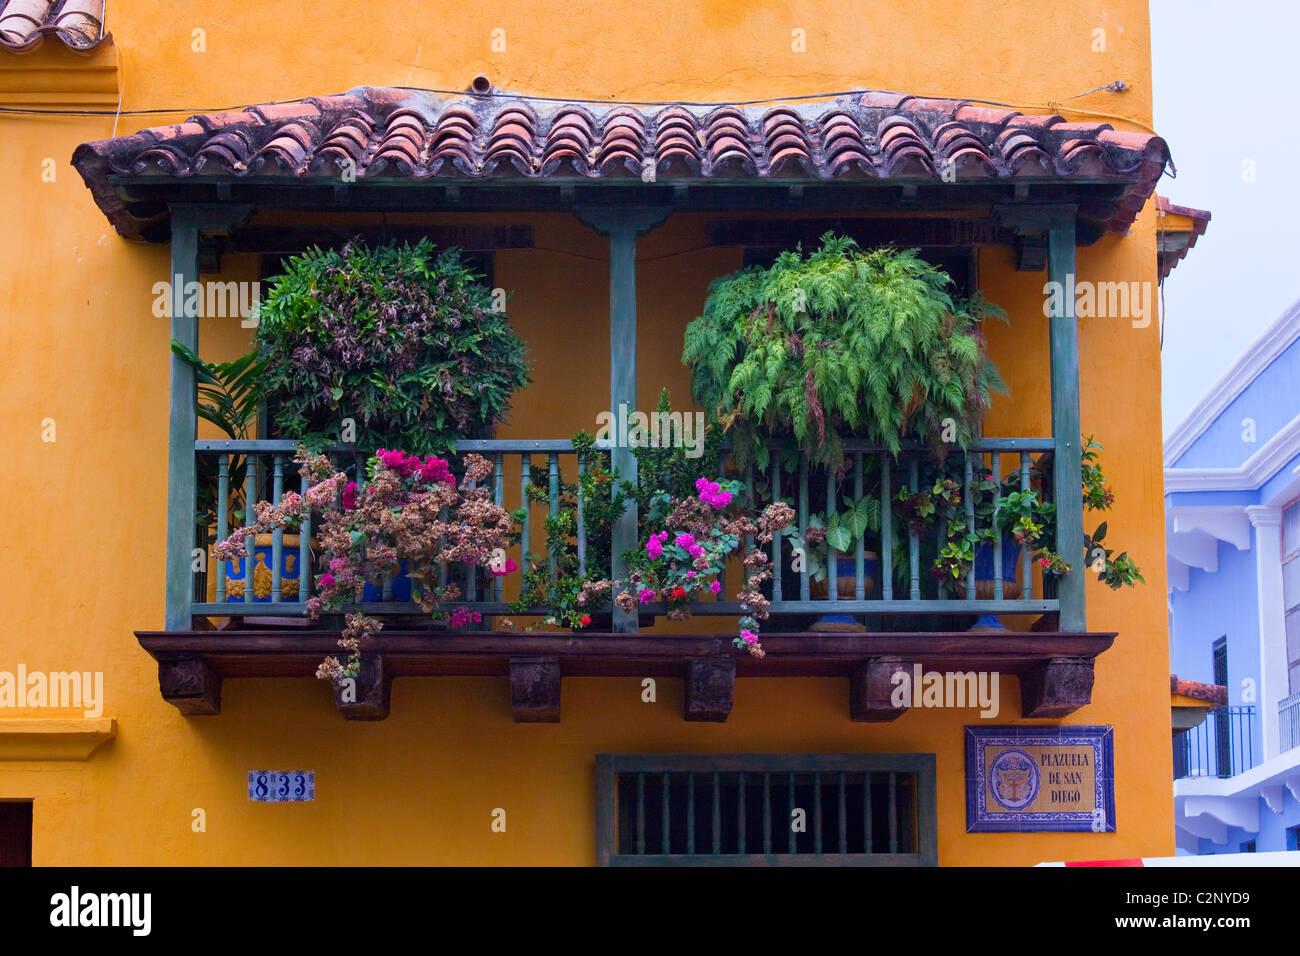 Balkon in der Altstadt, Cartagena, Kolumbien Stockbild